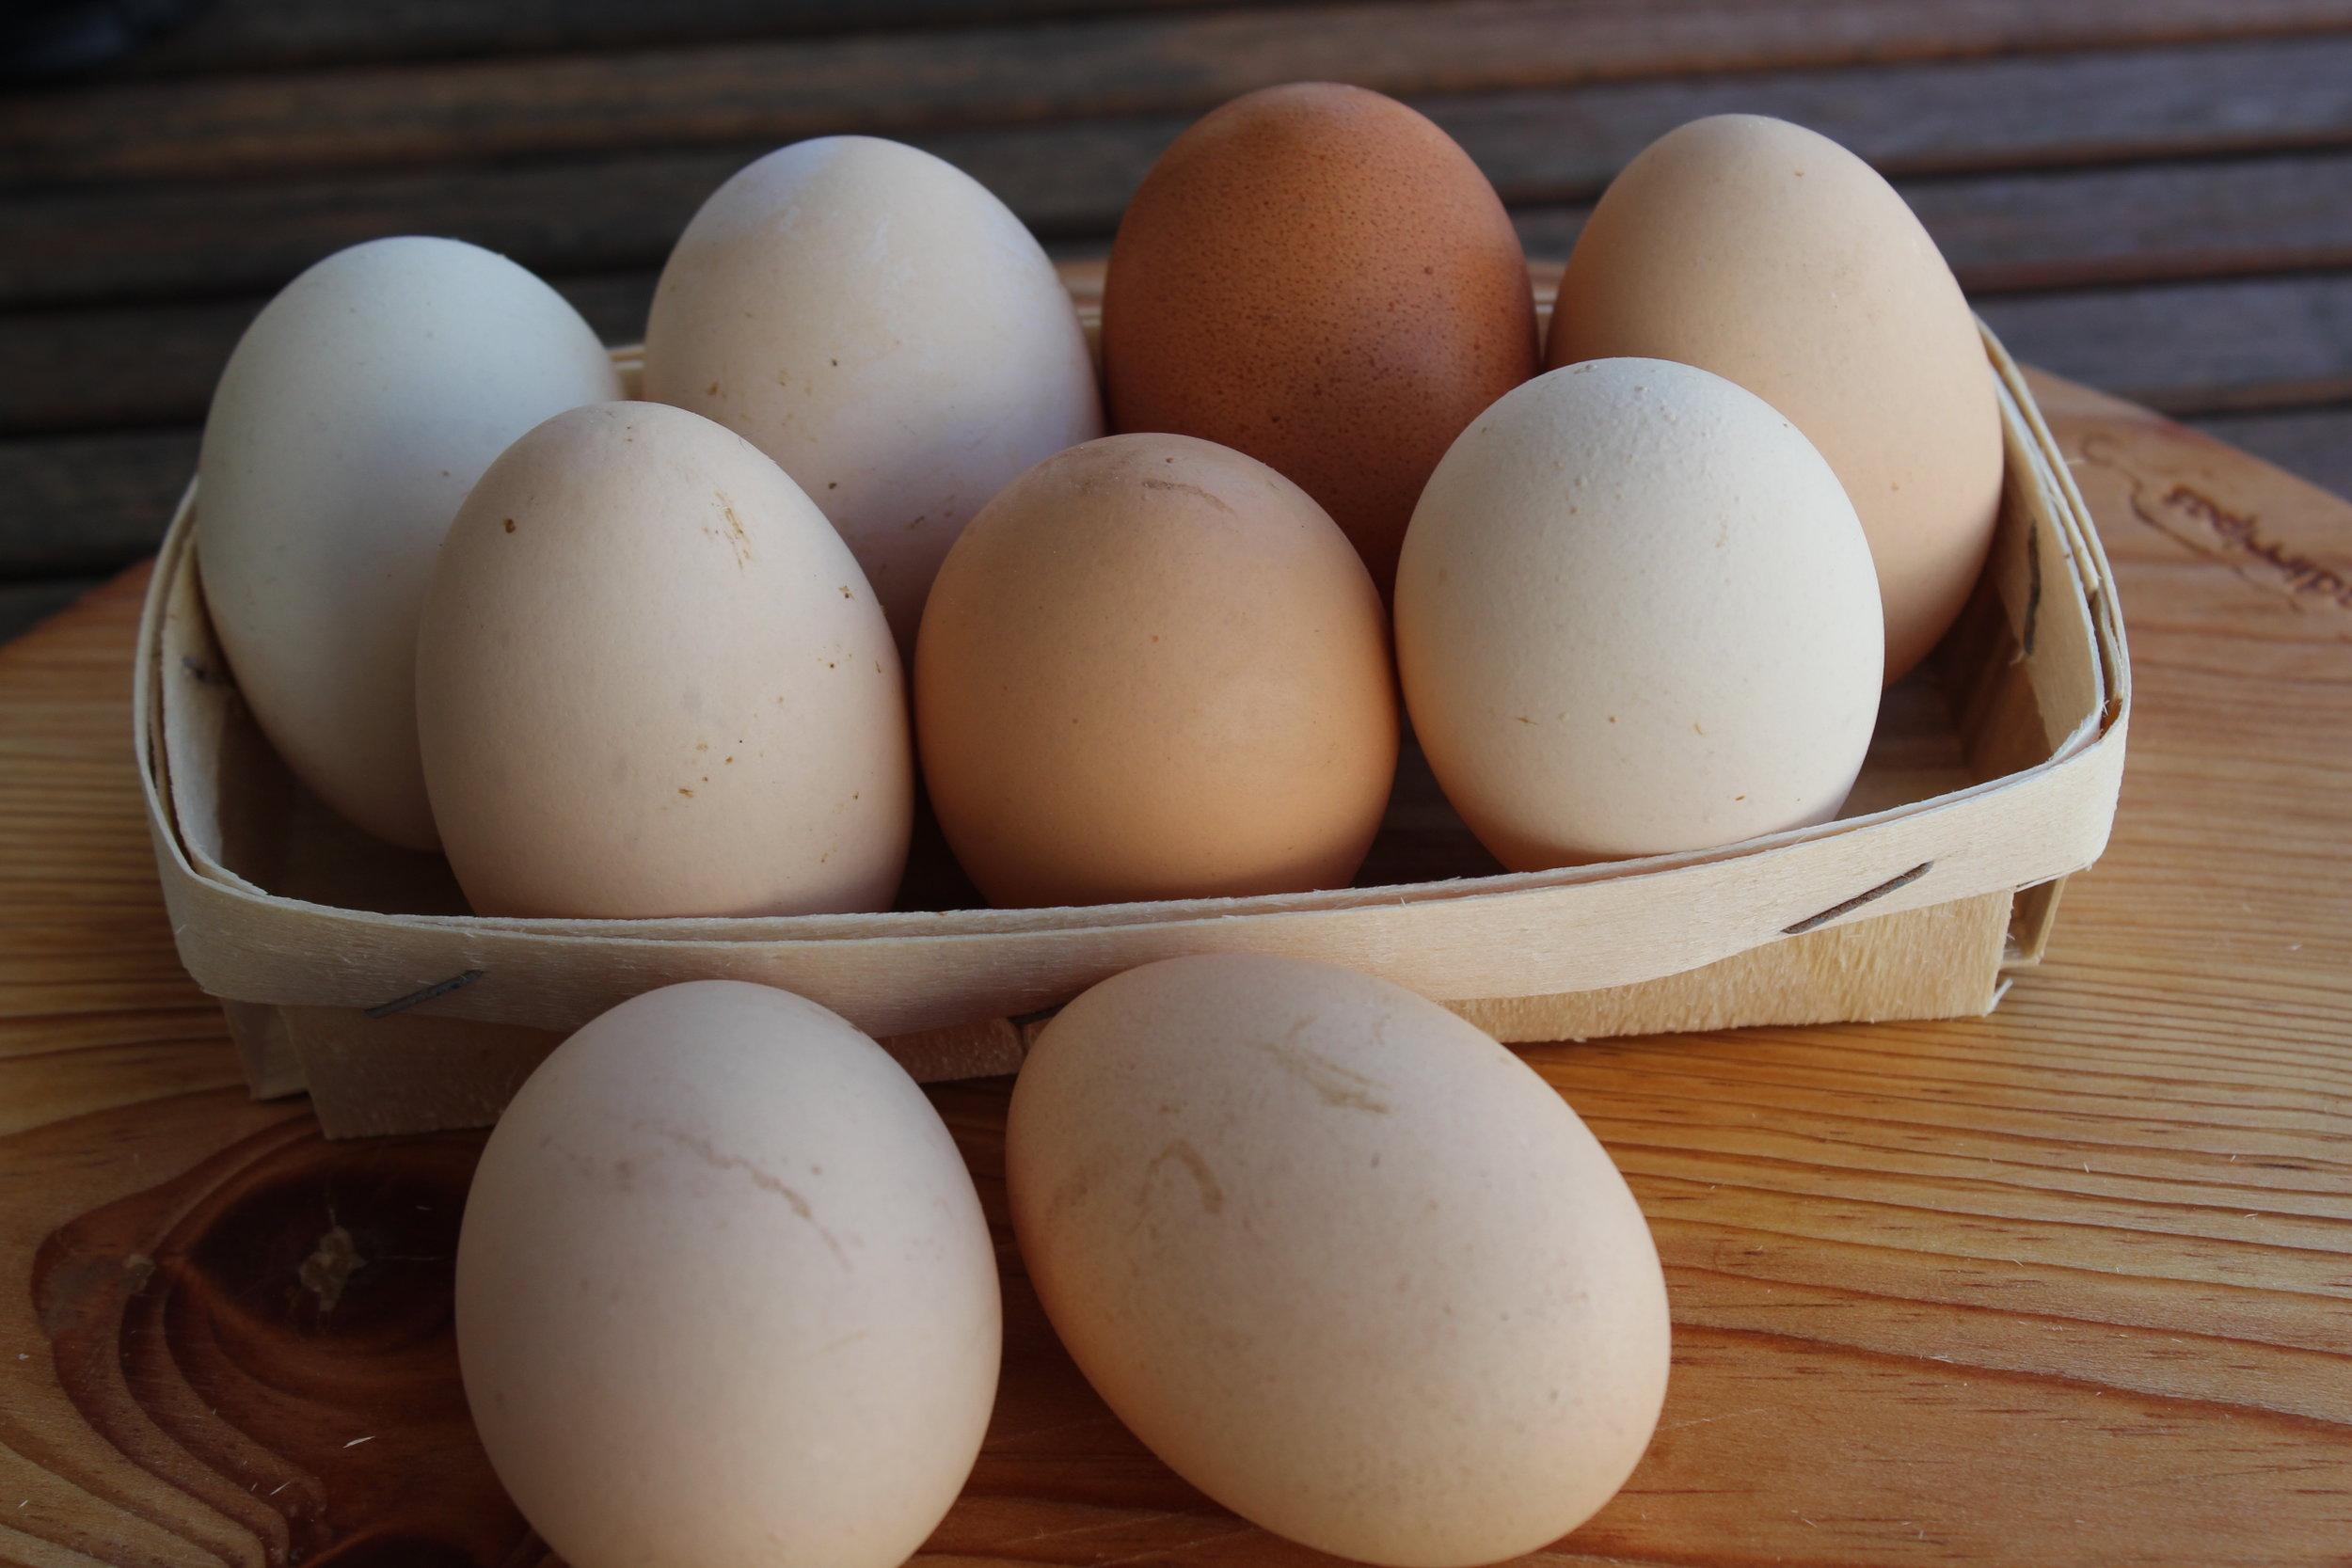 lulas guisadas com ovos foto.JPG